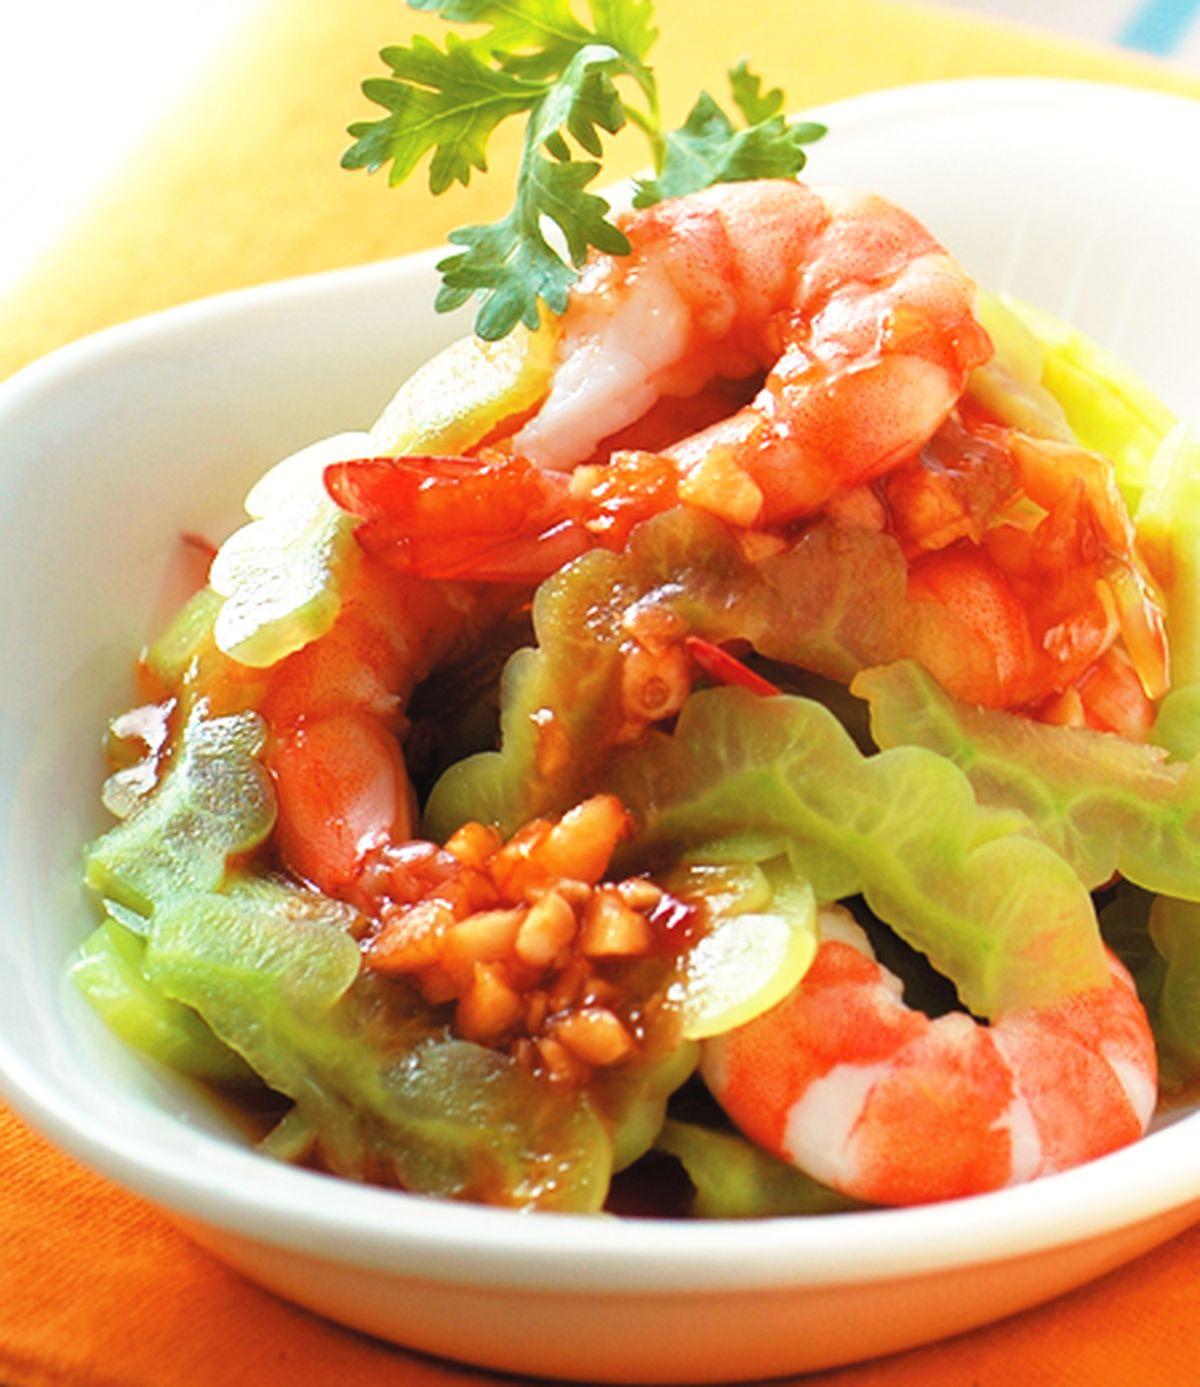 食譜:苦瓜拌鳳蝦